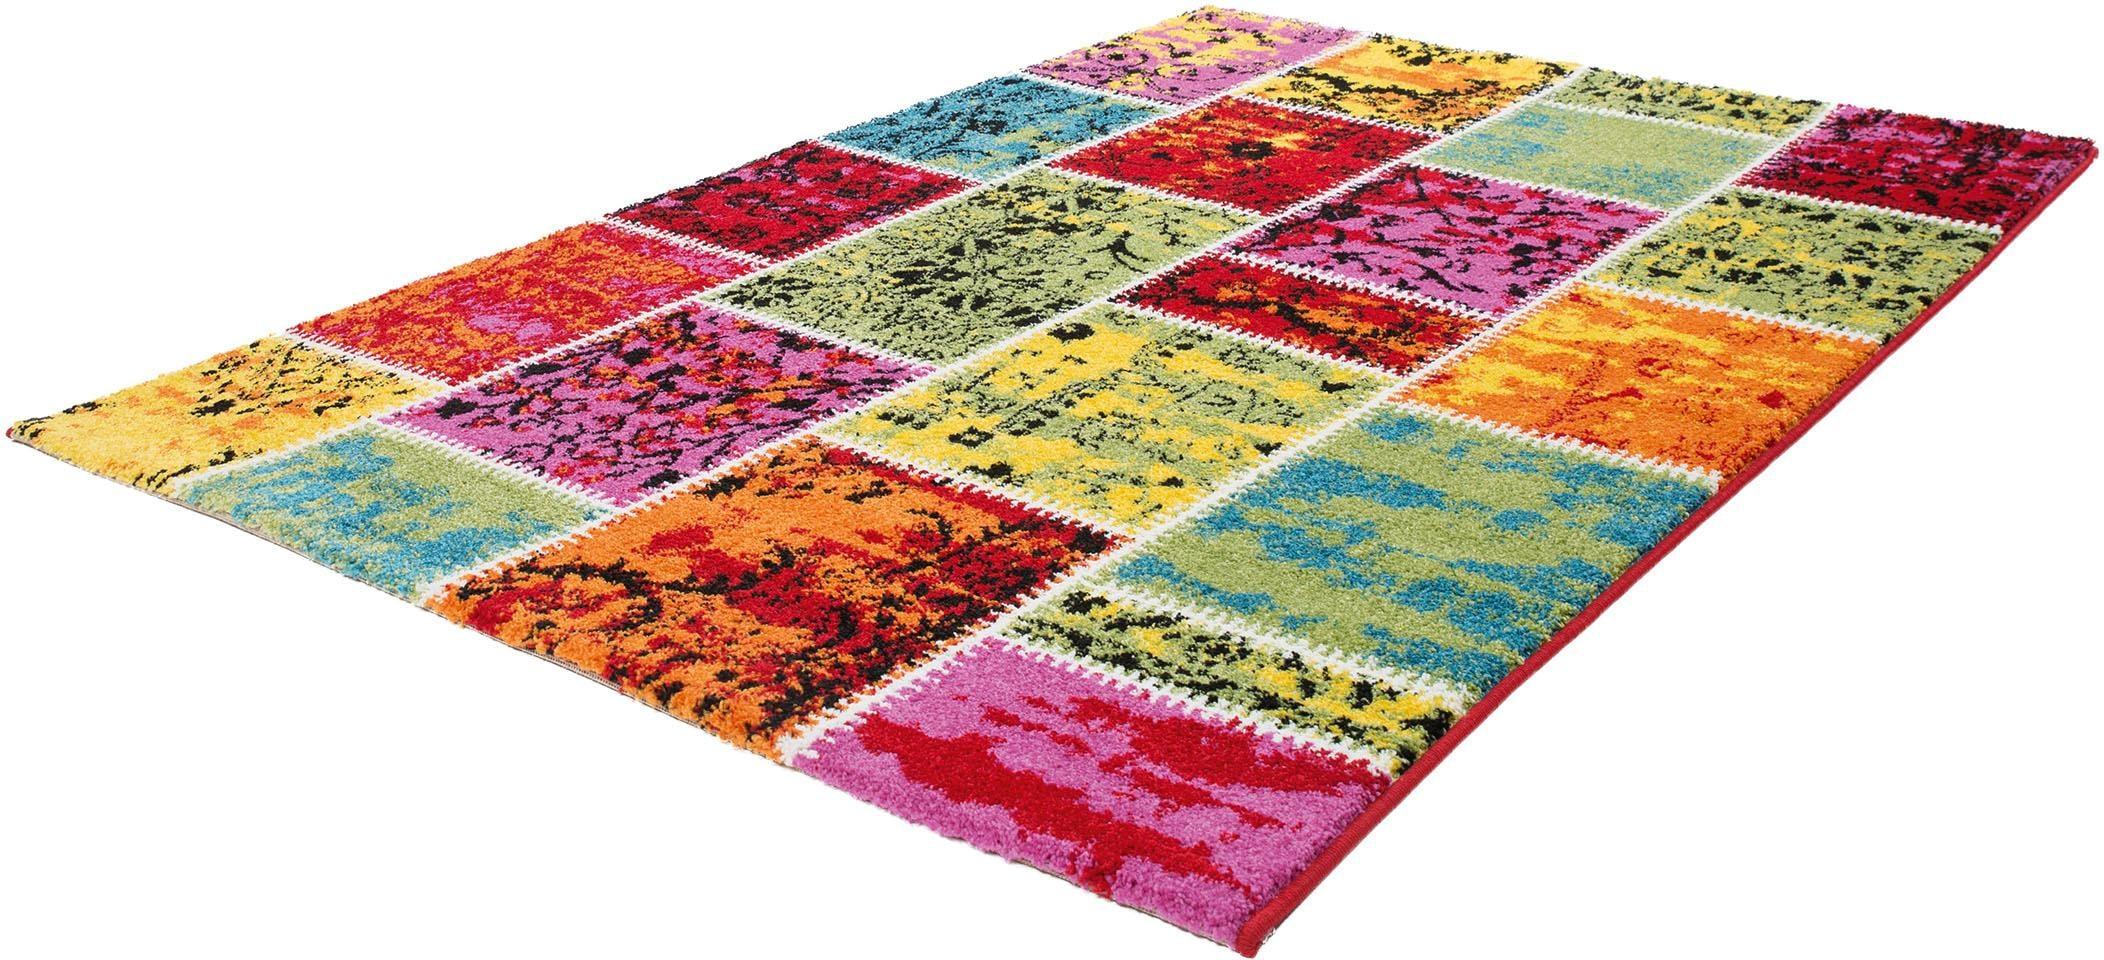 Teppich My Waikiki 383 Obsession rechteckig Höhe 21 mm maschinell gewebt